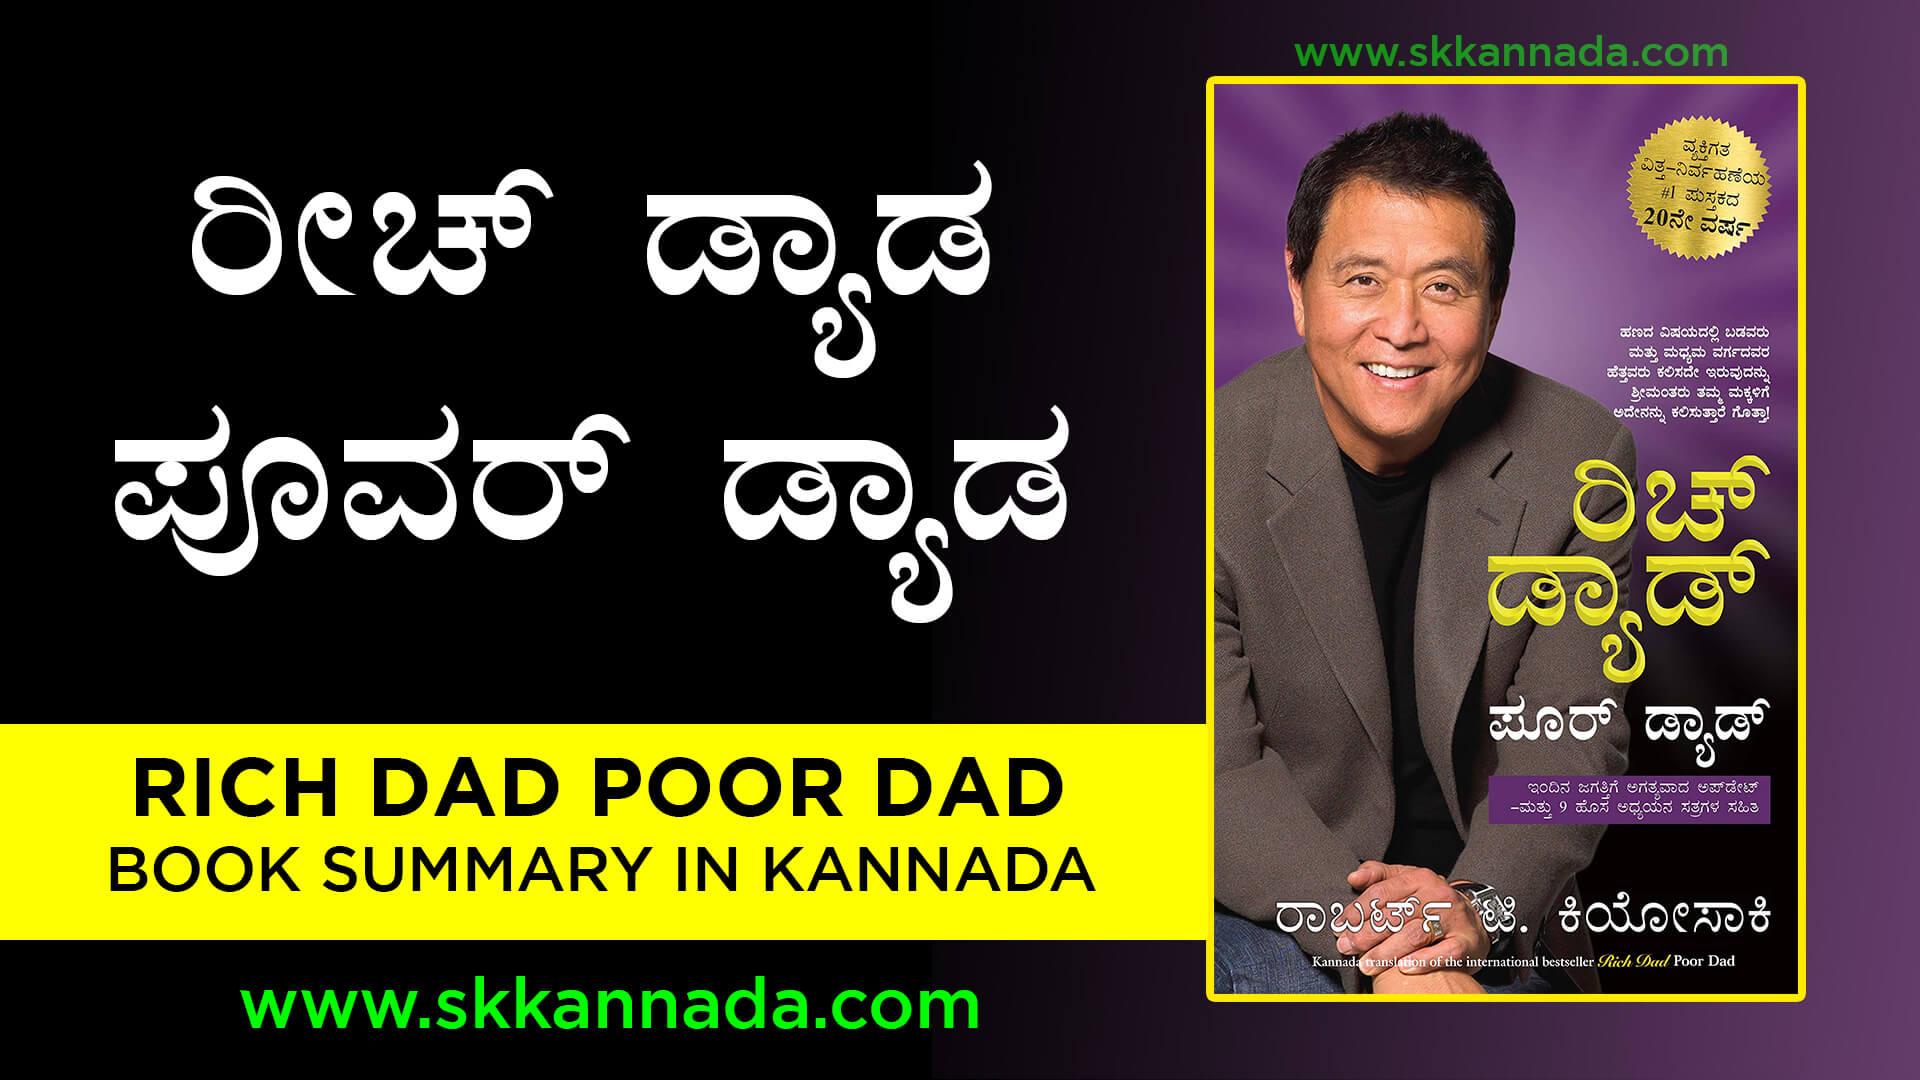 Rich Dad Poor Dad Book Summary in Kannada